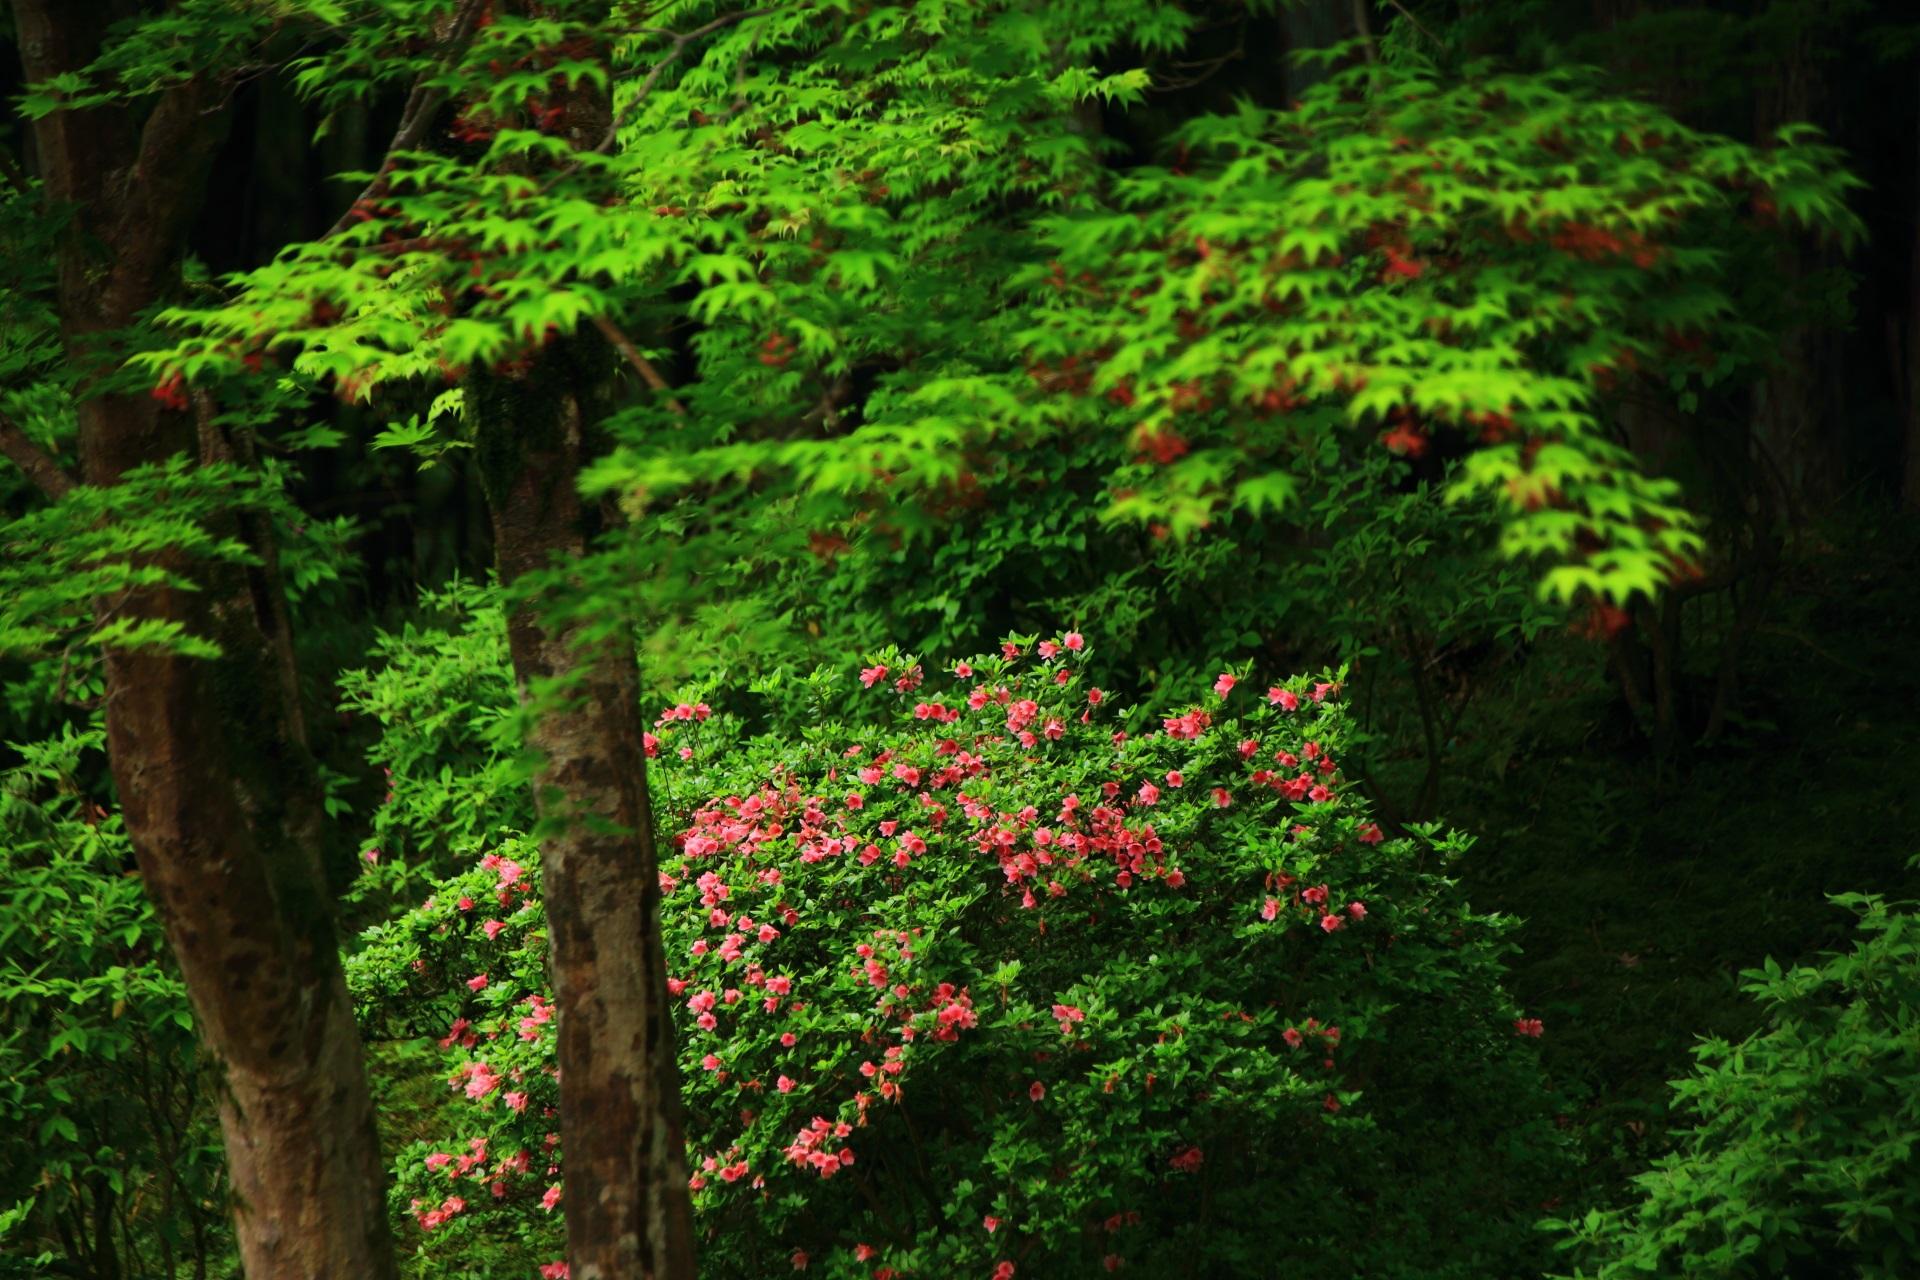 深い緑の中で浮かび上がるような煌くピンクのツツジ